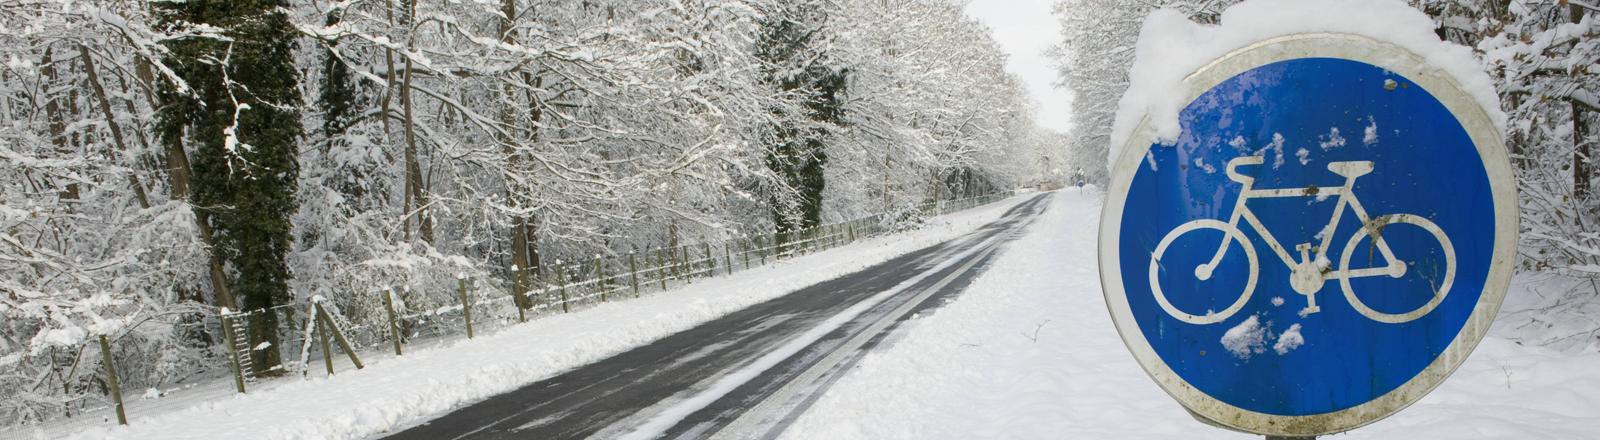 Eine winterliche Straße. Die Straße ist geräumt. Der Radweg ist voll Schnee.